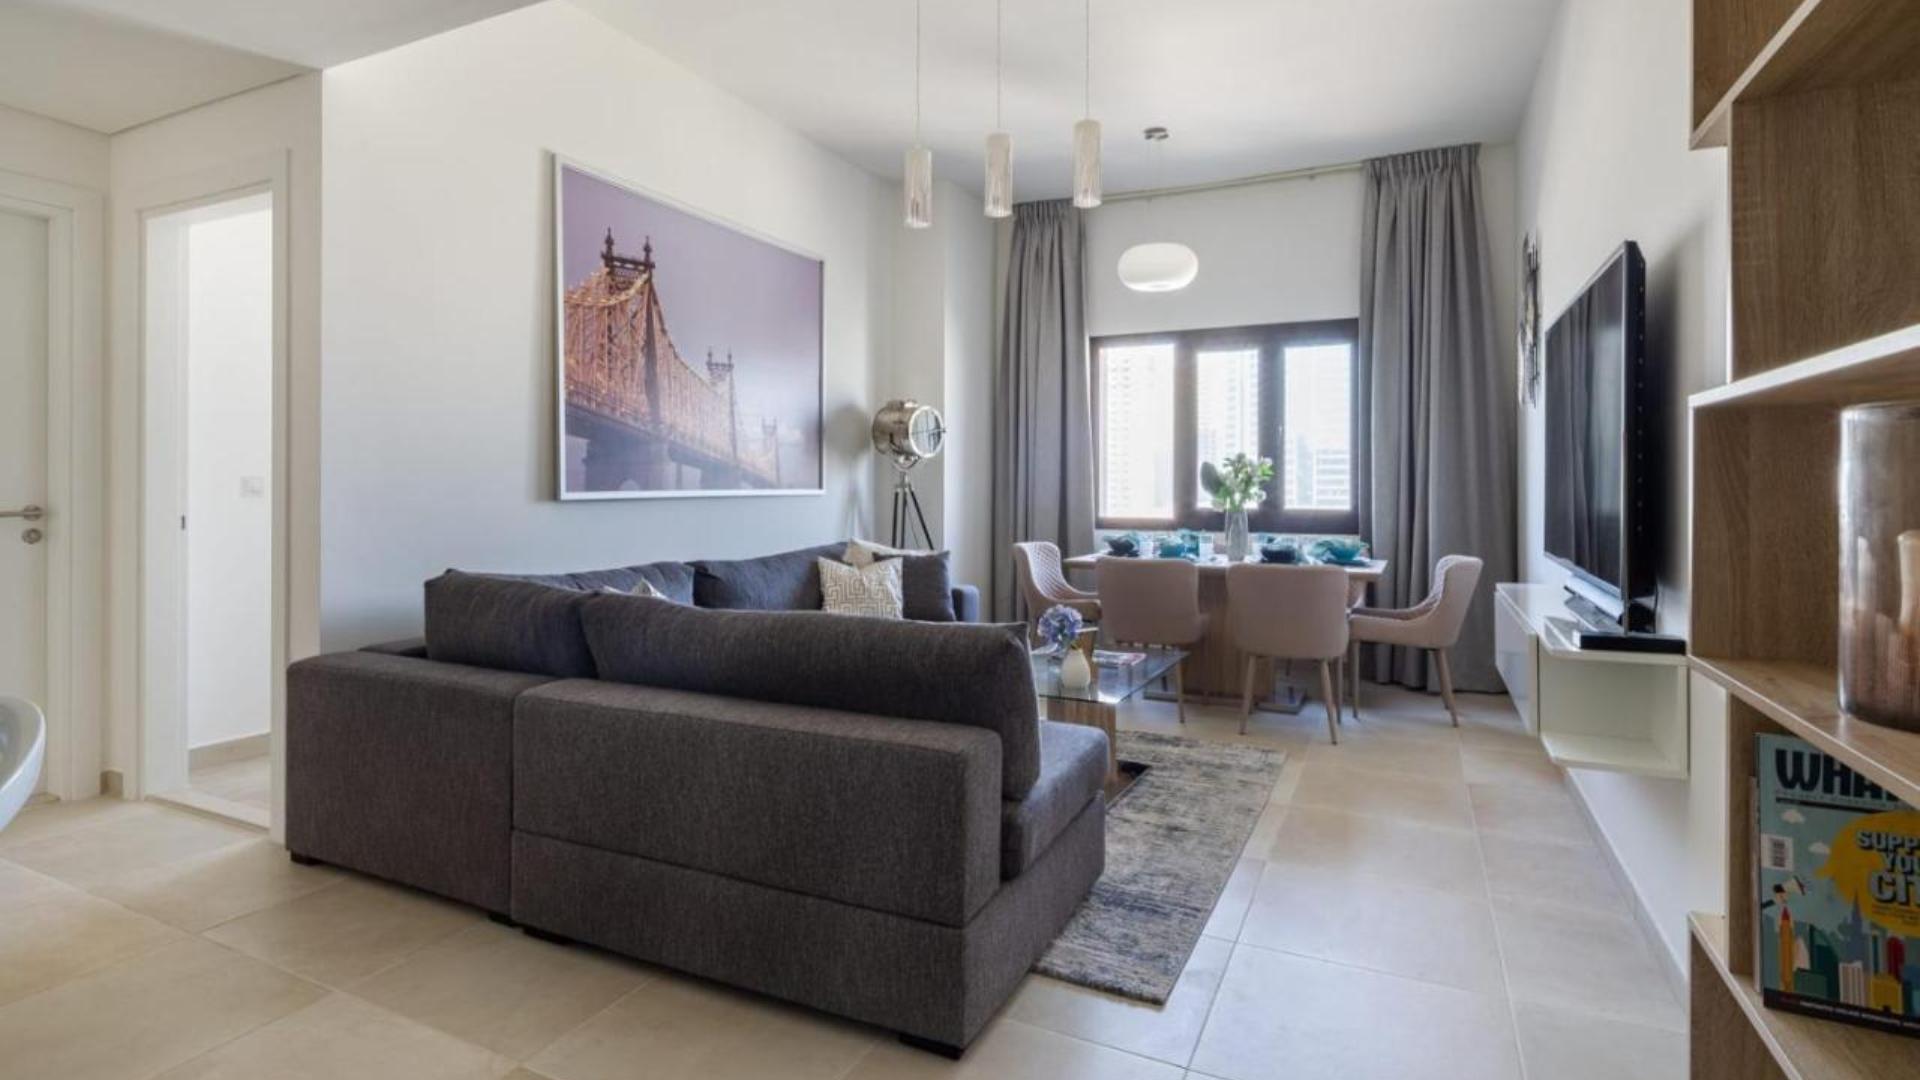 Apartamento en venta en Dubai, EAU, 2 dormitorios, 125 m2, № 24354 – foto 1